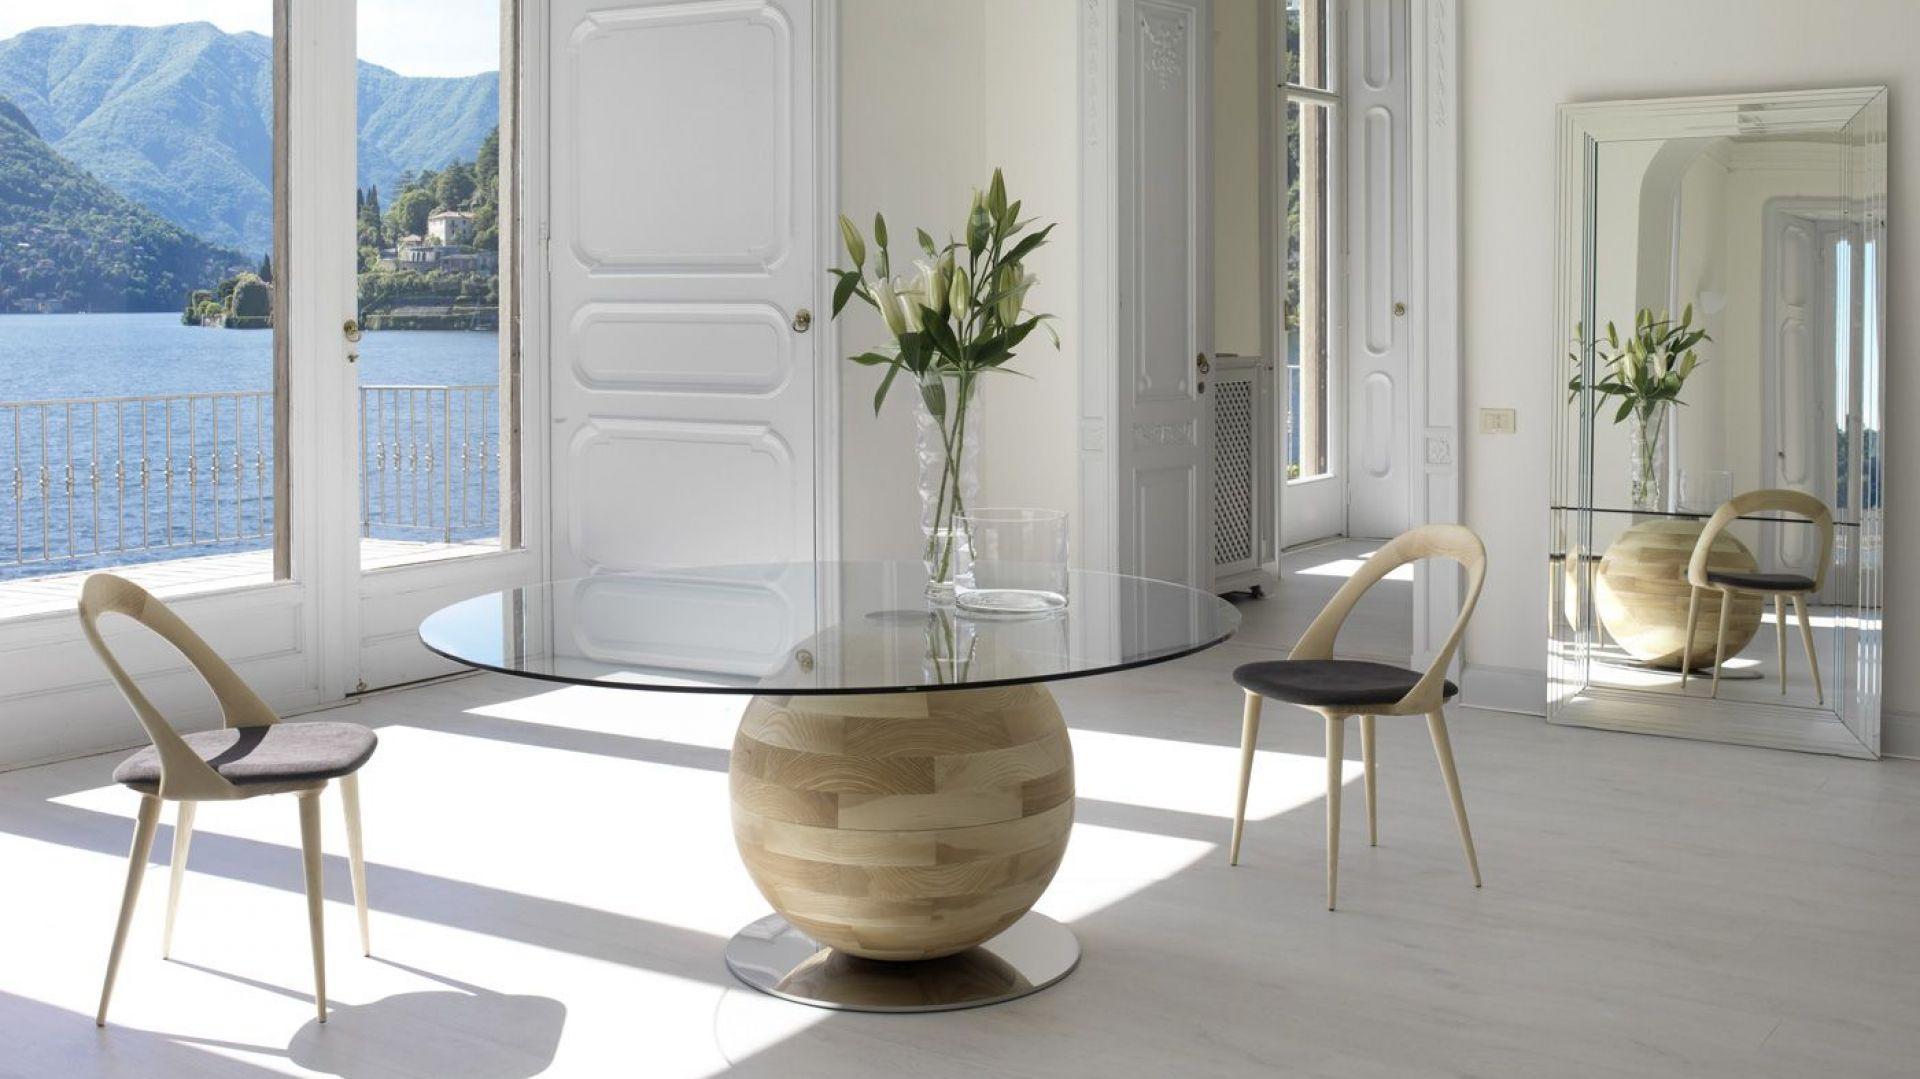 Stół Gheoma okrągły, szklany blat, który umieszczony został na drewnianej kuli. Fot. Porada